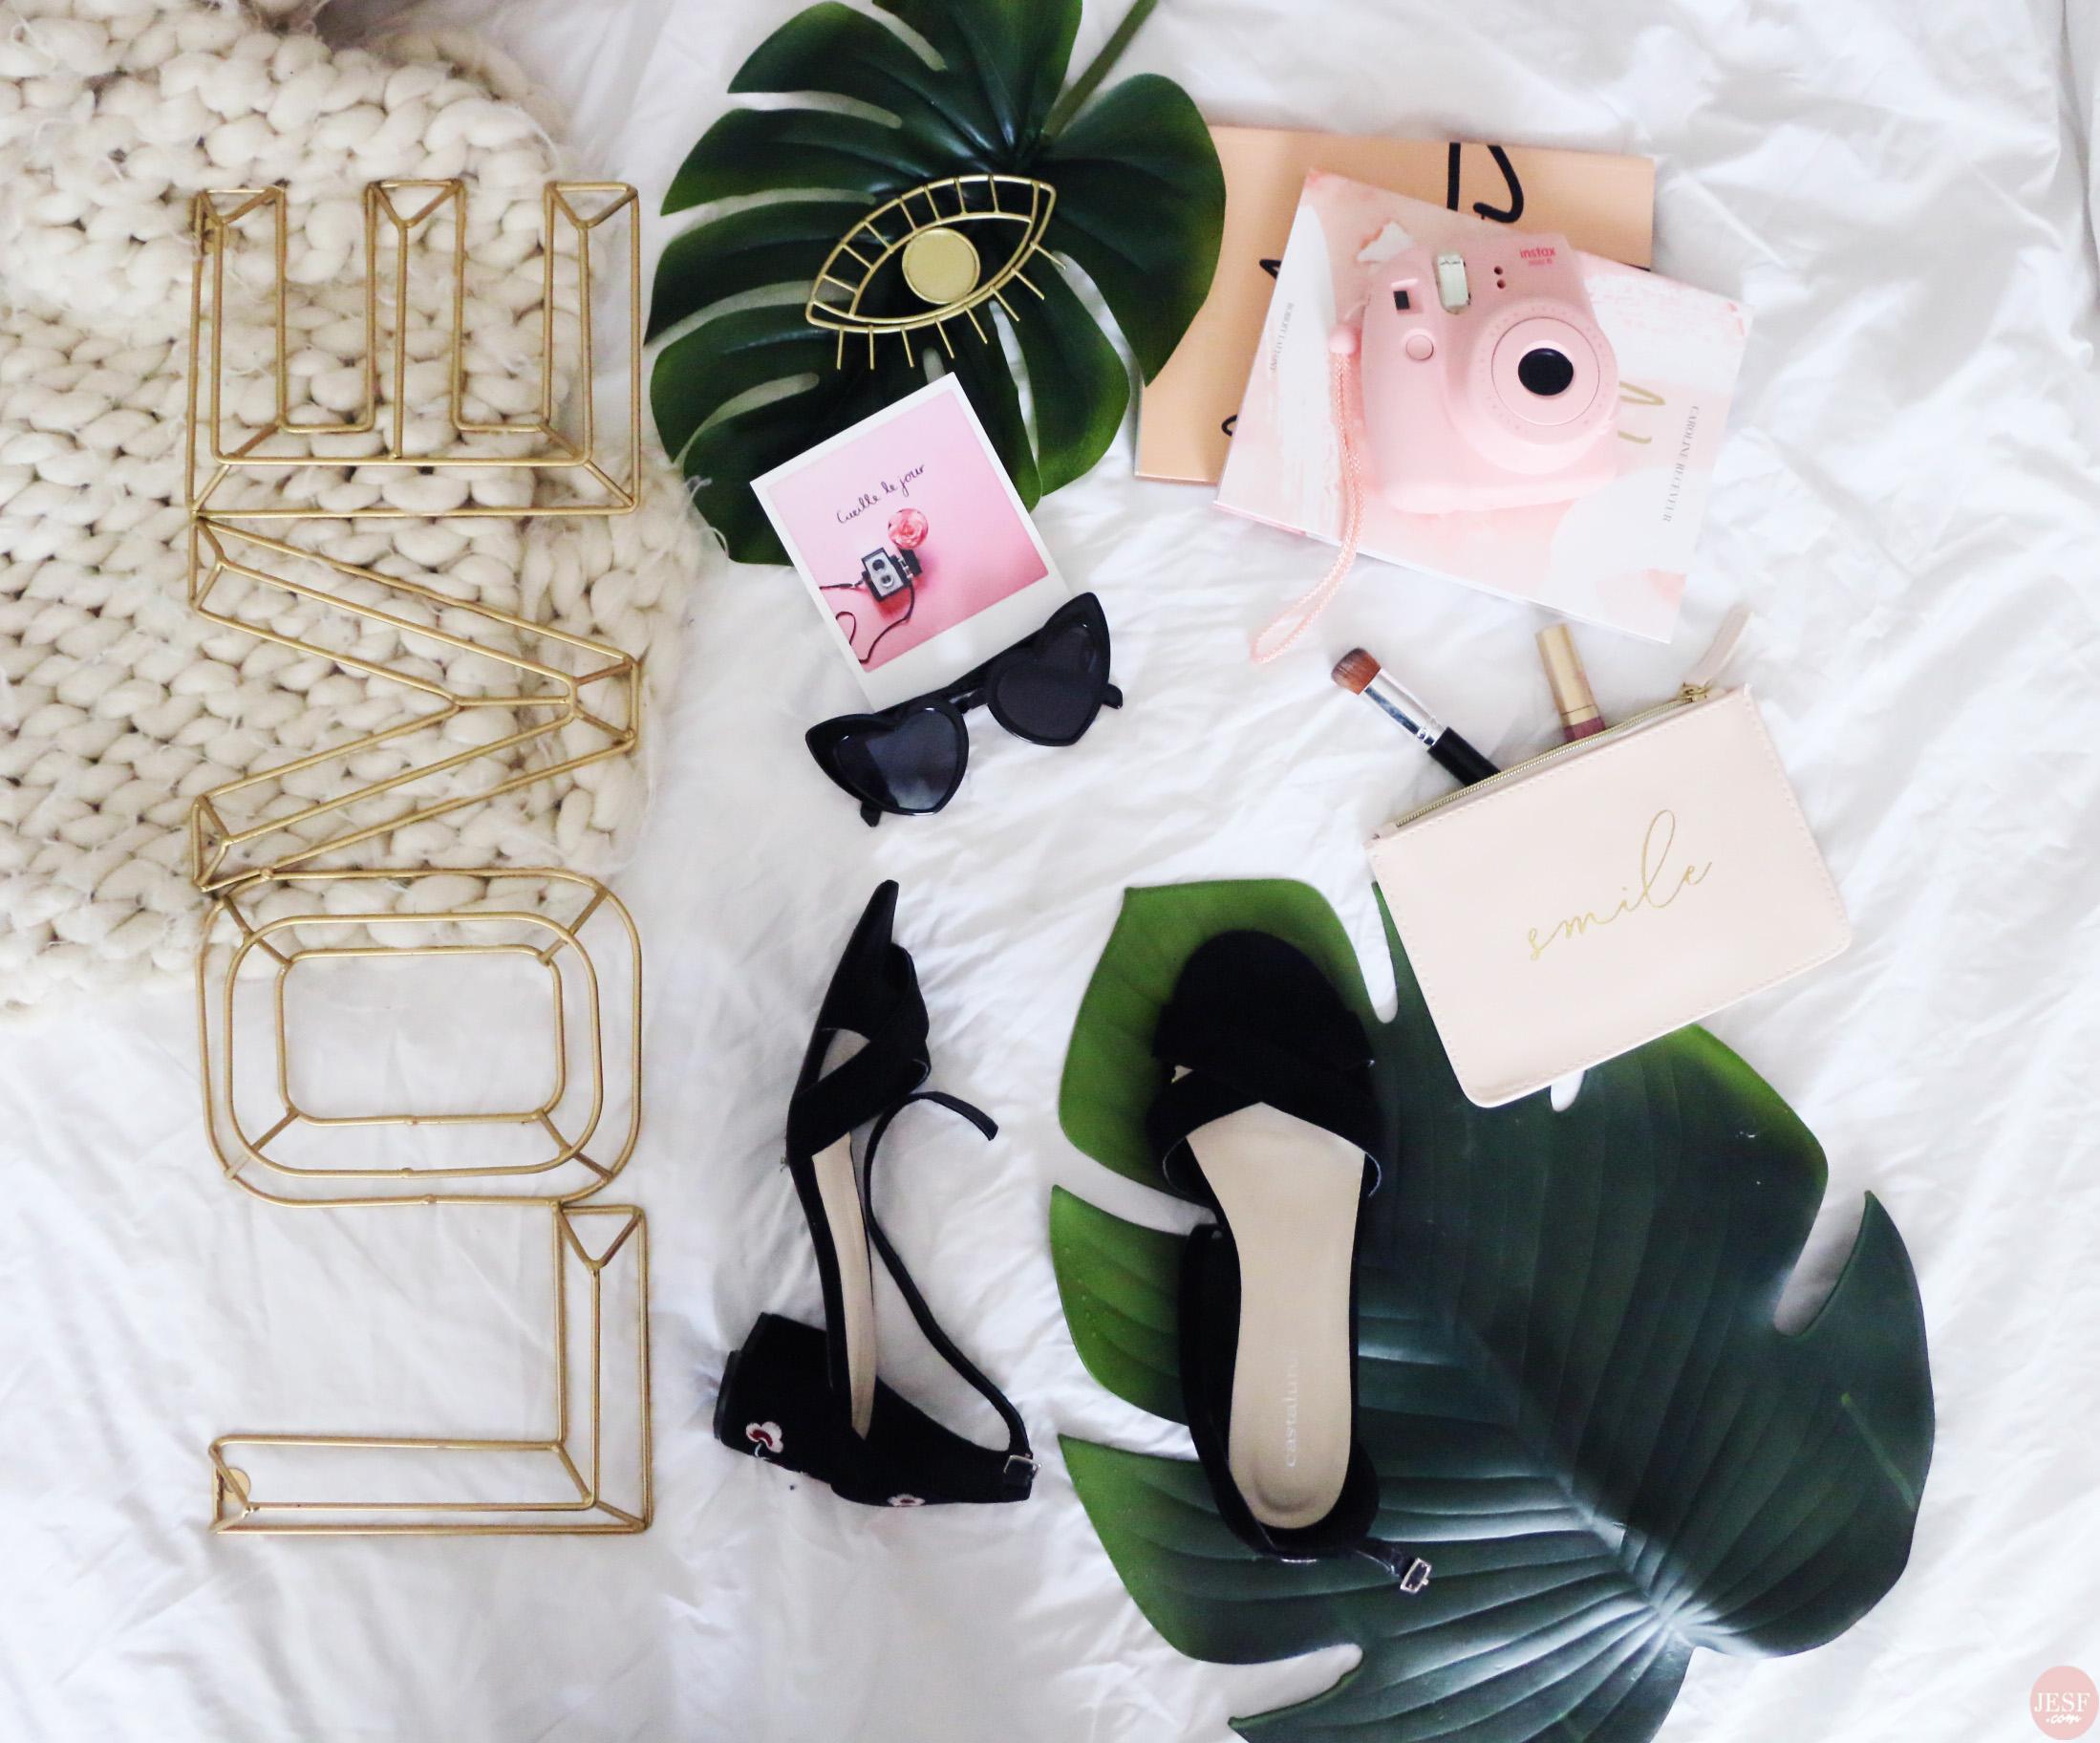 sélection-shopping-chaussures-femmes-sandales-printemps-été